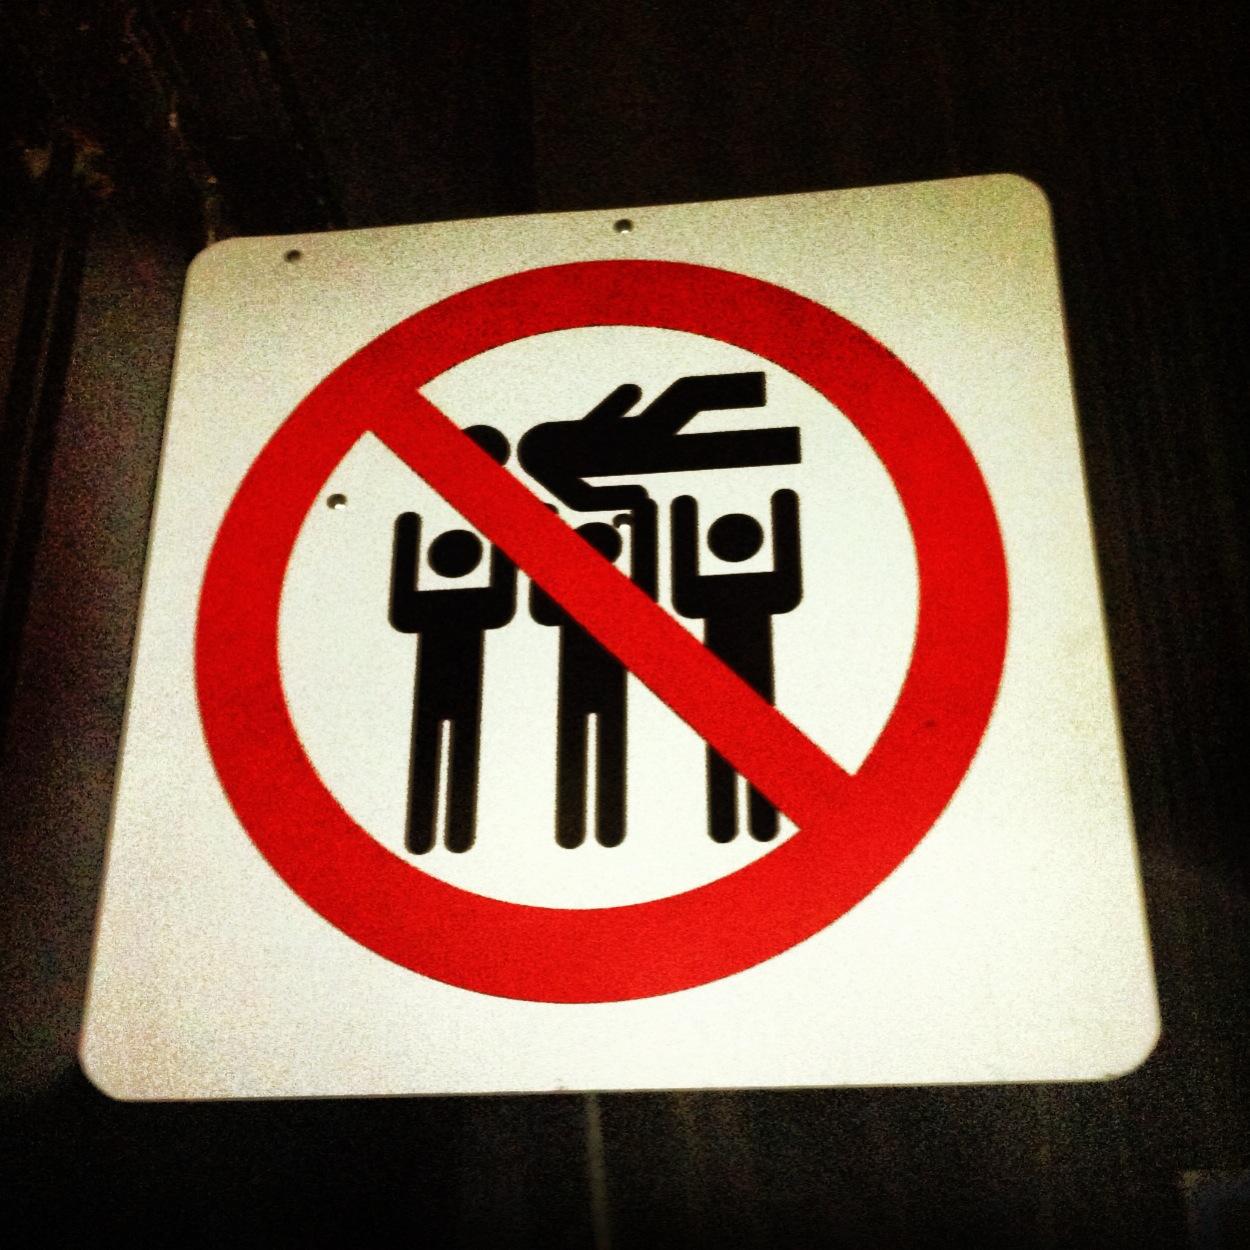 Un cartel anuncia la prohibición de realizar 'stagediving' en todos los recintos del festival. Que se cumpla es otra cosa.